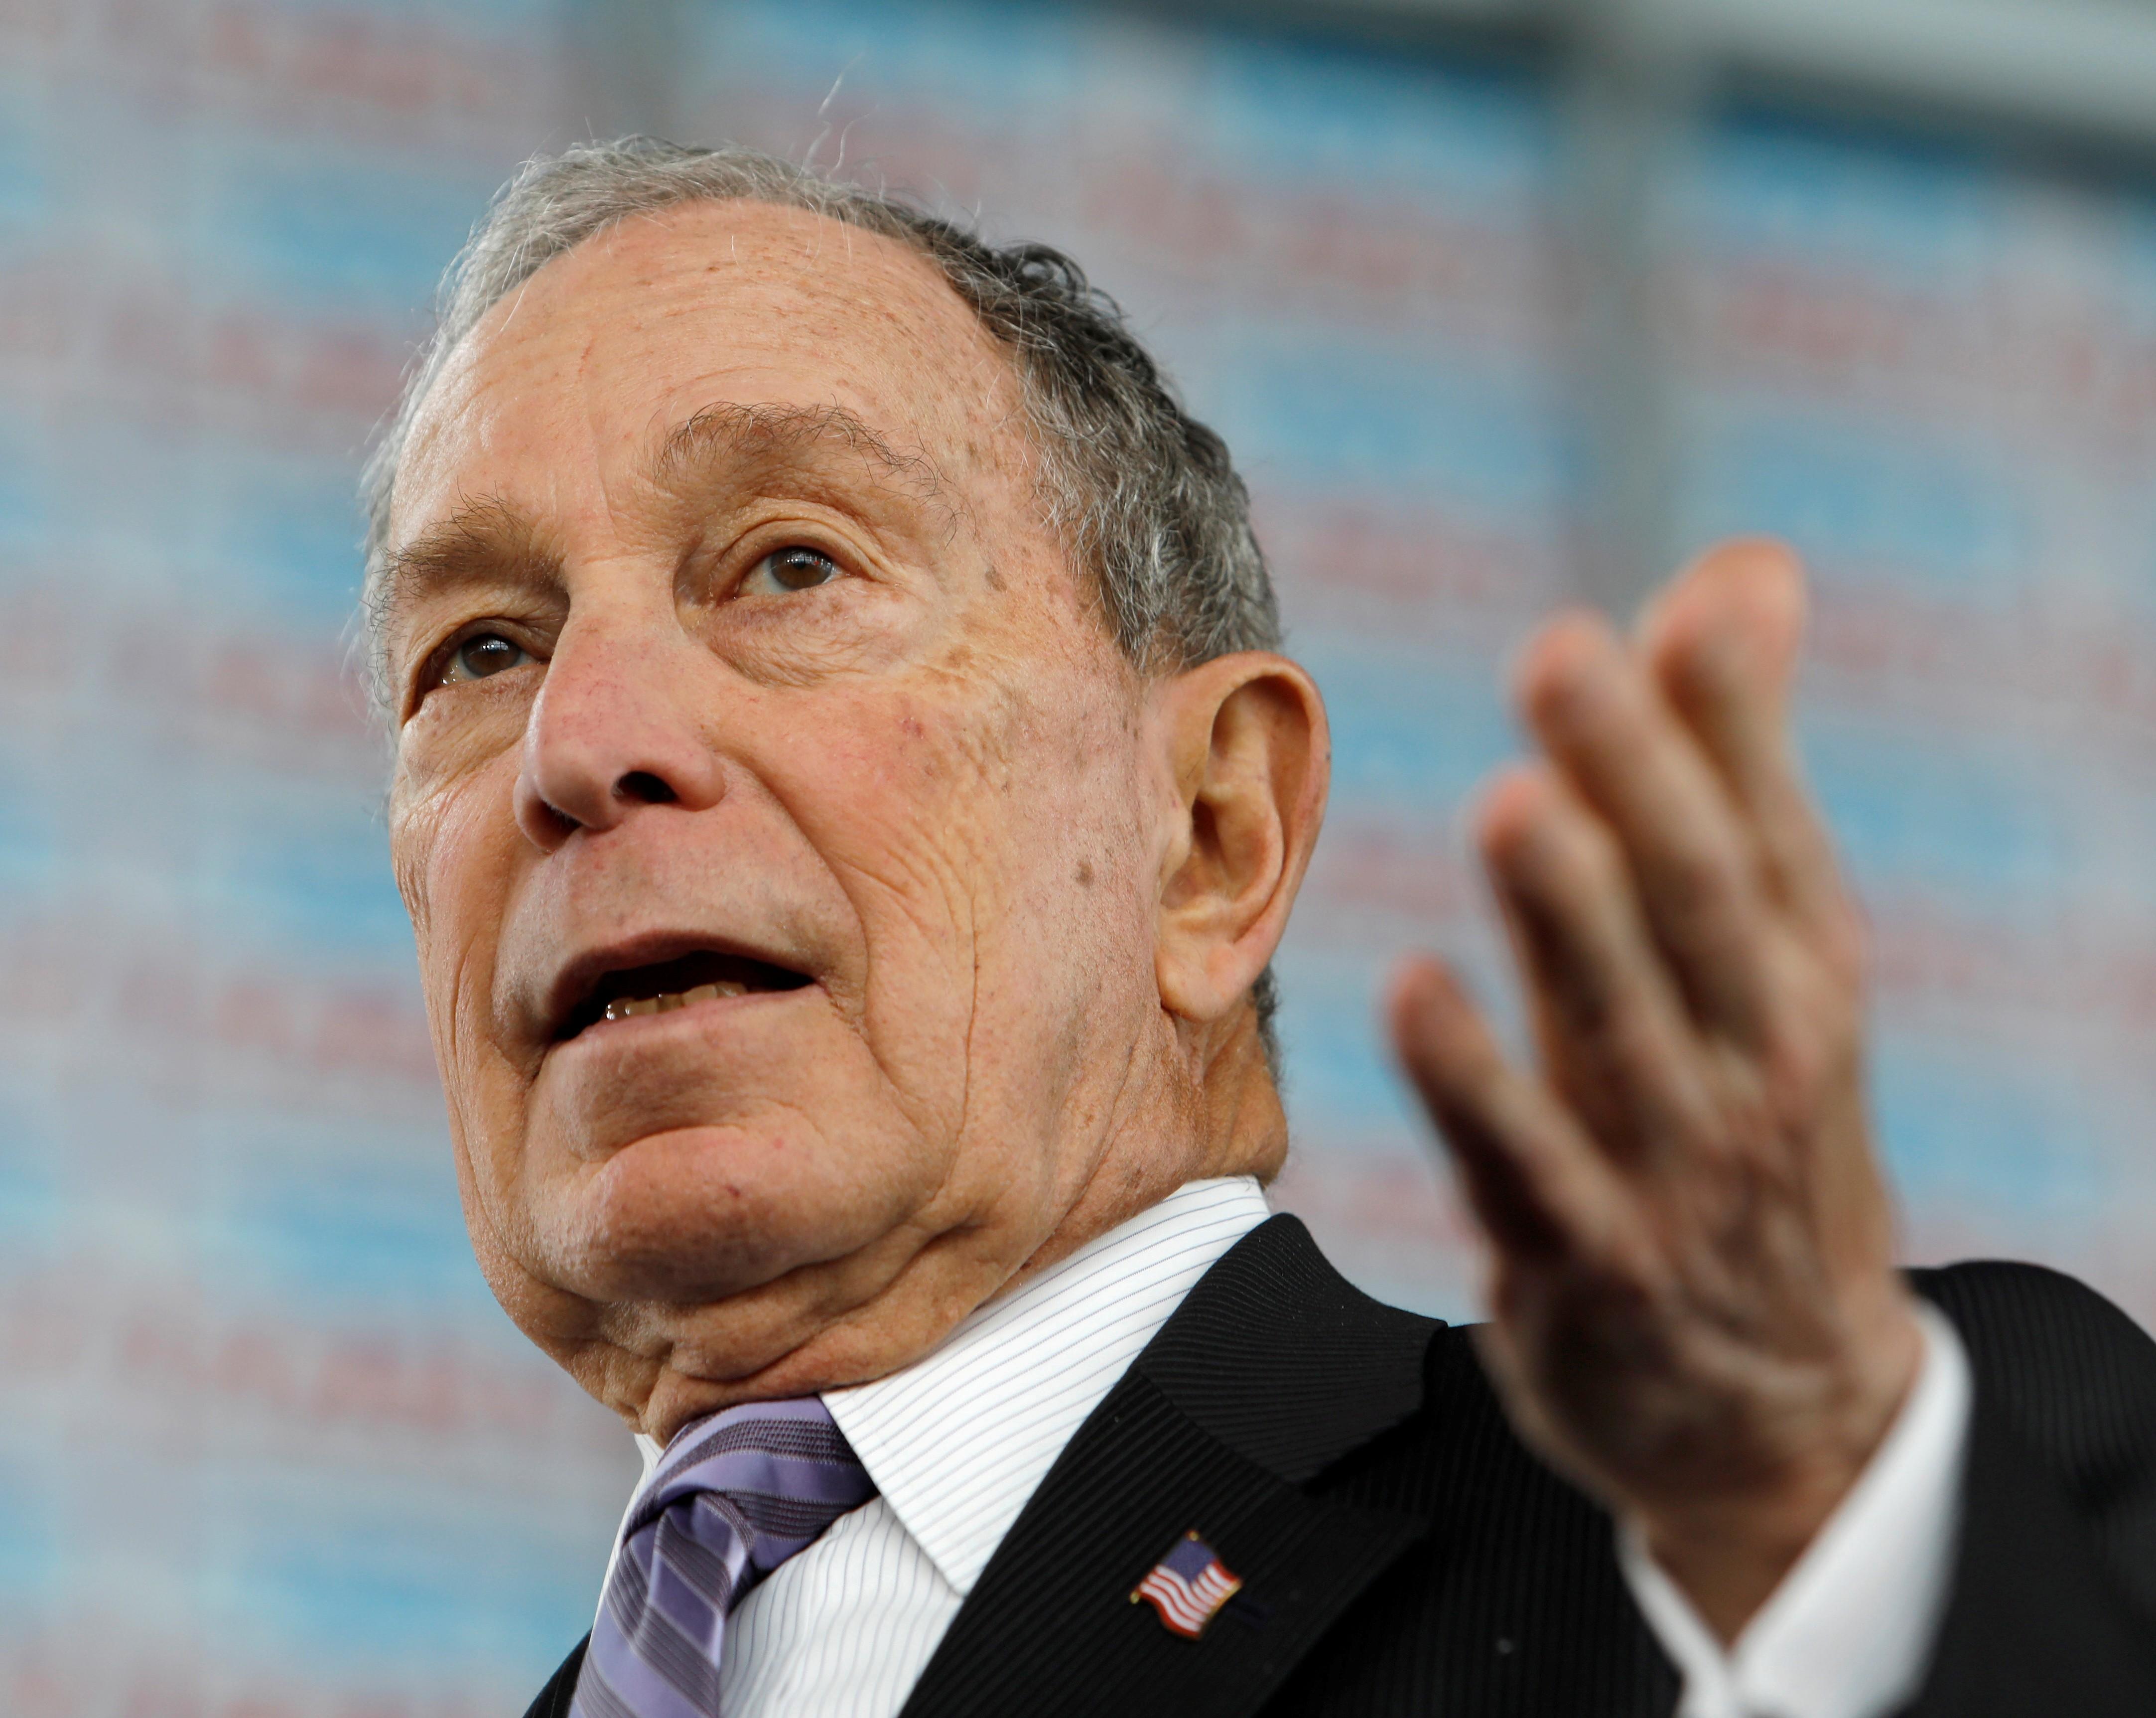 Bloomberg entra em cena